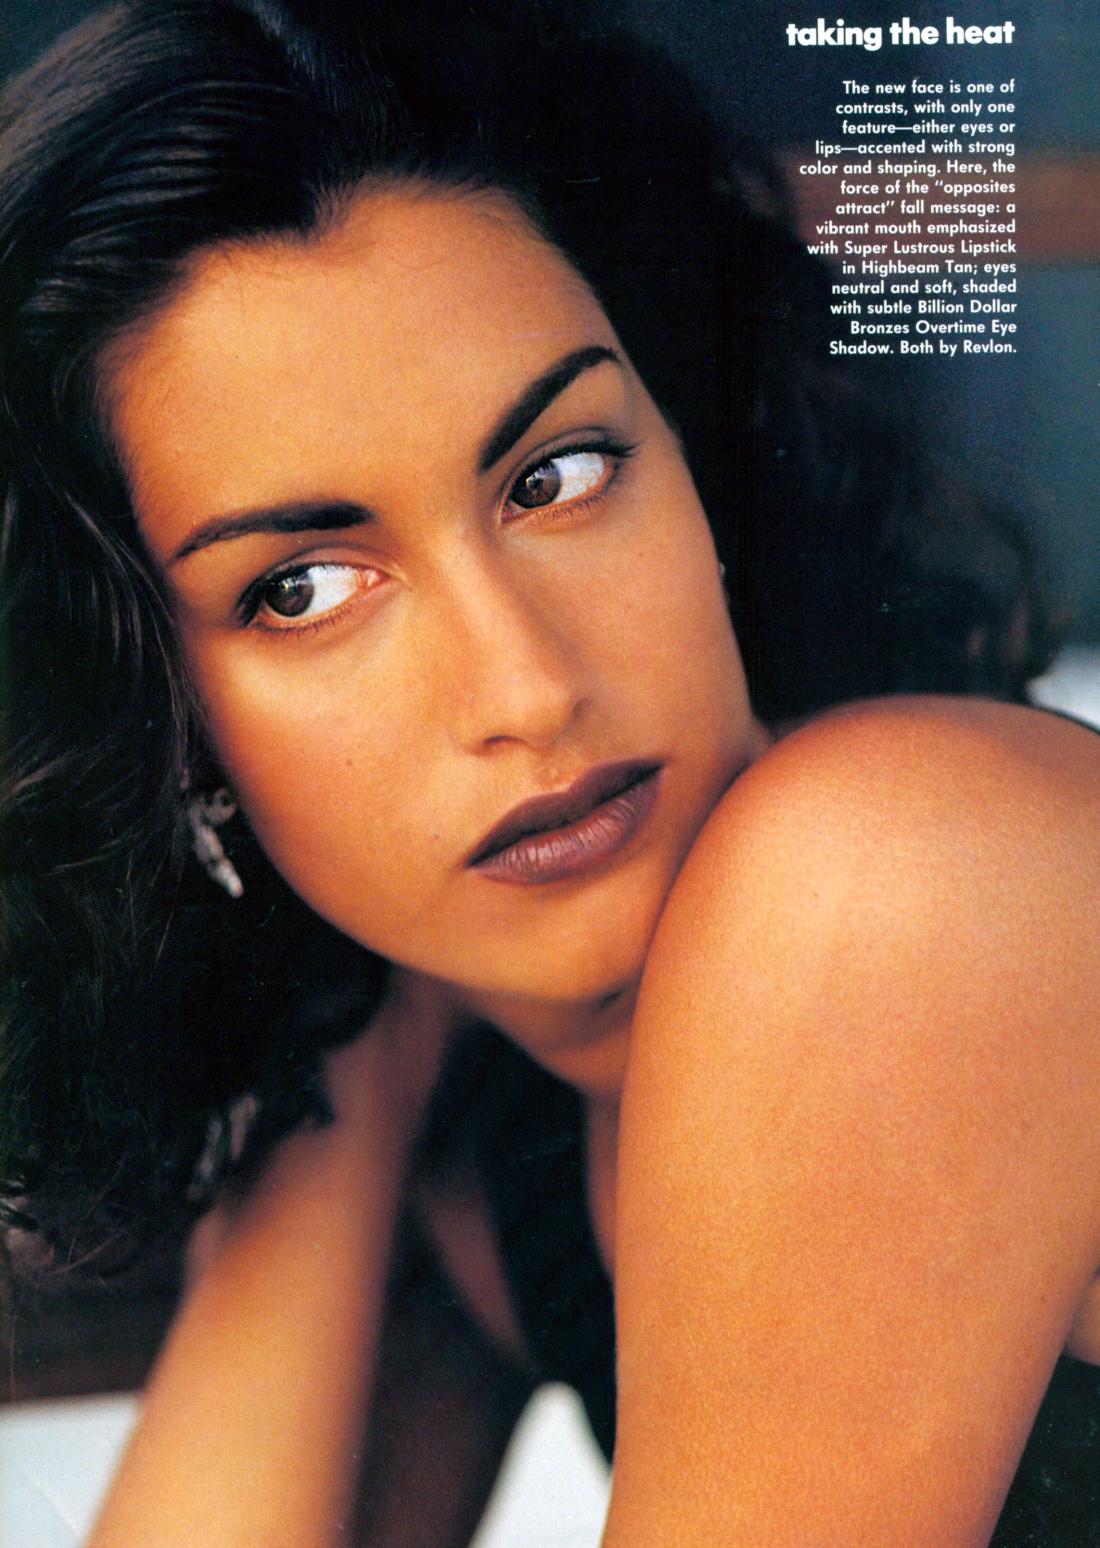 http://1.bp.blogspot.com/-T0pUbRc9ctk/TdaBTXX1MBI/AAAAAAAABTc/4t_PC88gksc/s1600/Yasmeen+US+Vogue+Jul+91.10.jpg